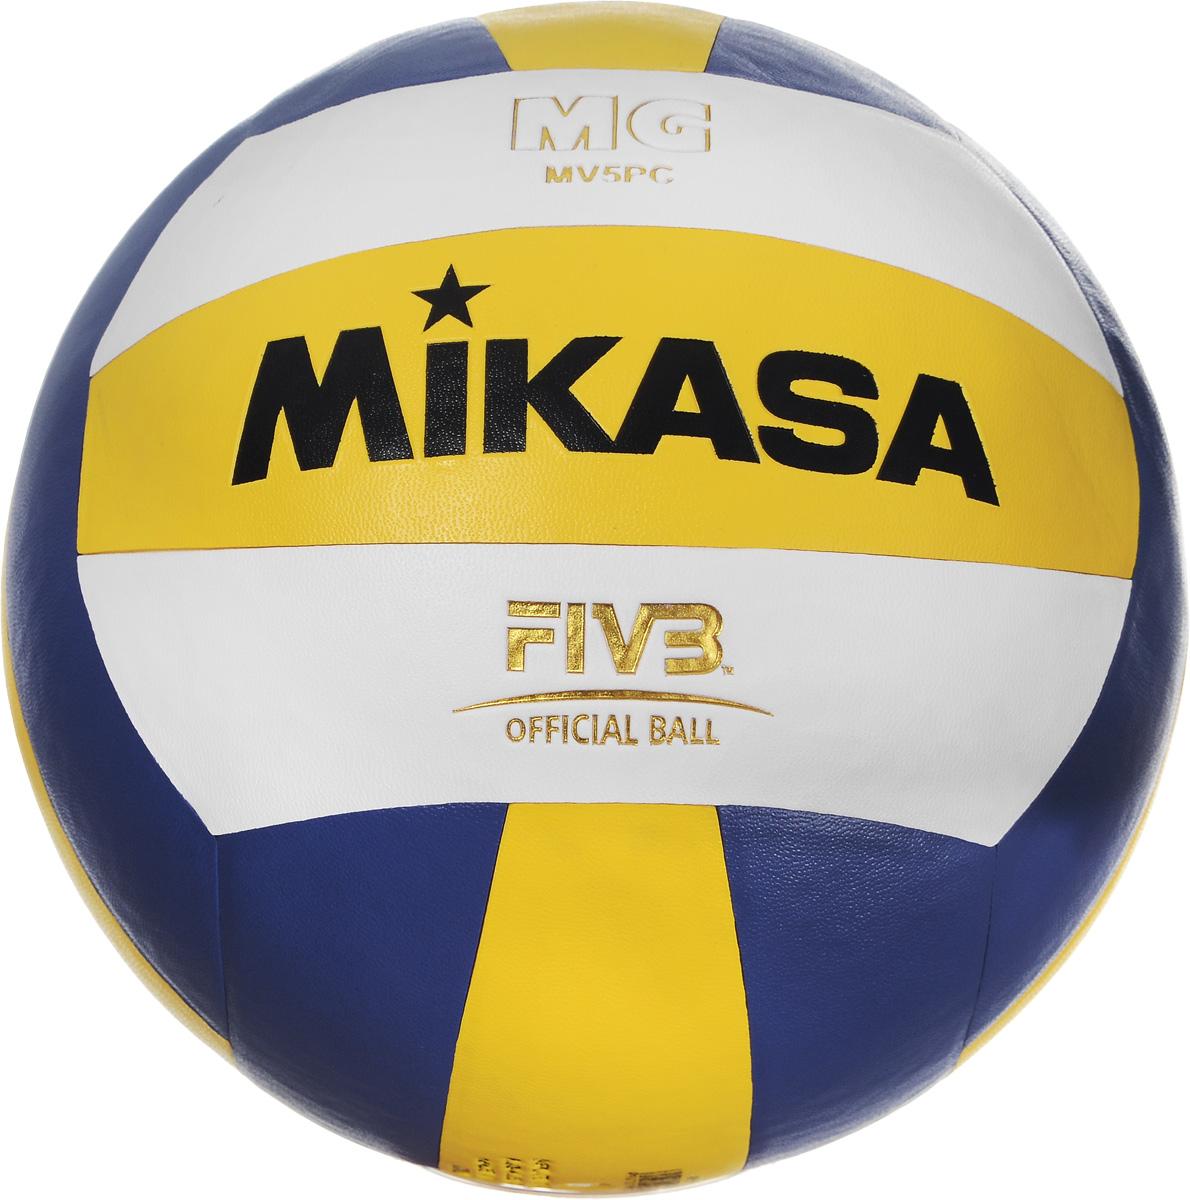 Мяч волейбольный Mikasa SKV5, цвет: синий, белый, желтый. Размер 5УТ-00001287_синий,белый,желтыйМяч Mikasa SKV5 имеет облегченный вес, что позволяет не беспокоится о травмах и избавится от страха прямого контакта с мячом. Он подойдет для тех, кто только знакомится с волейболом. Мяч изготовлен из очень мягкой пены (EVA), отличительной особенностью которой является отсутствие запаха, легкость и сохранение формы мяча, наряду с прочностью и долговечностью. Технология сшивки панелей TwinSTLock обеспечивает долговечность и прочность, как у клееного мяча. Камера выполнена из бутила. УВАЖЕМЫЕ КЛИЕНТЫ! Обращаем ваше внимание на тот факт, что мяч поставляется в сдутом виде. Насос в комплект не входит.